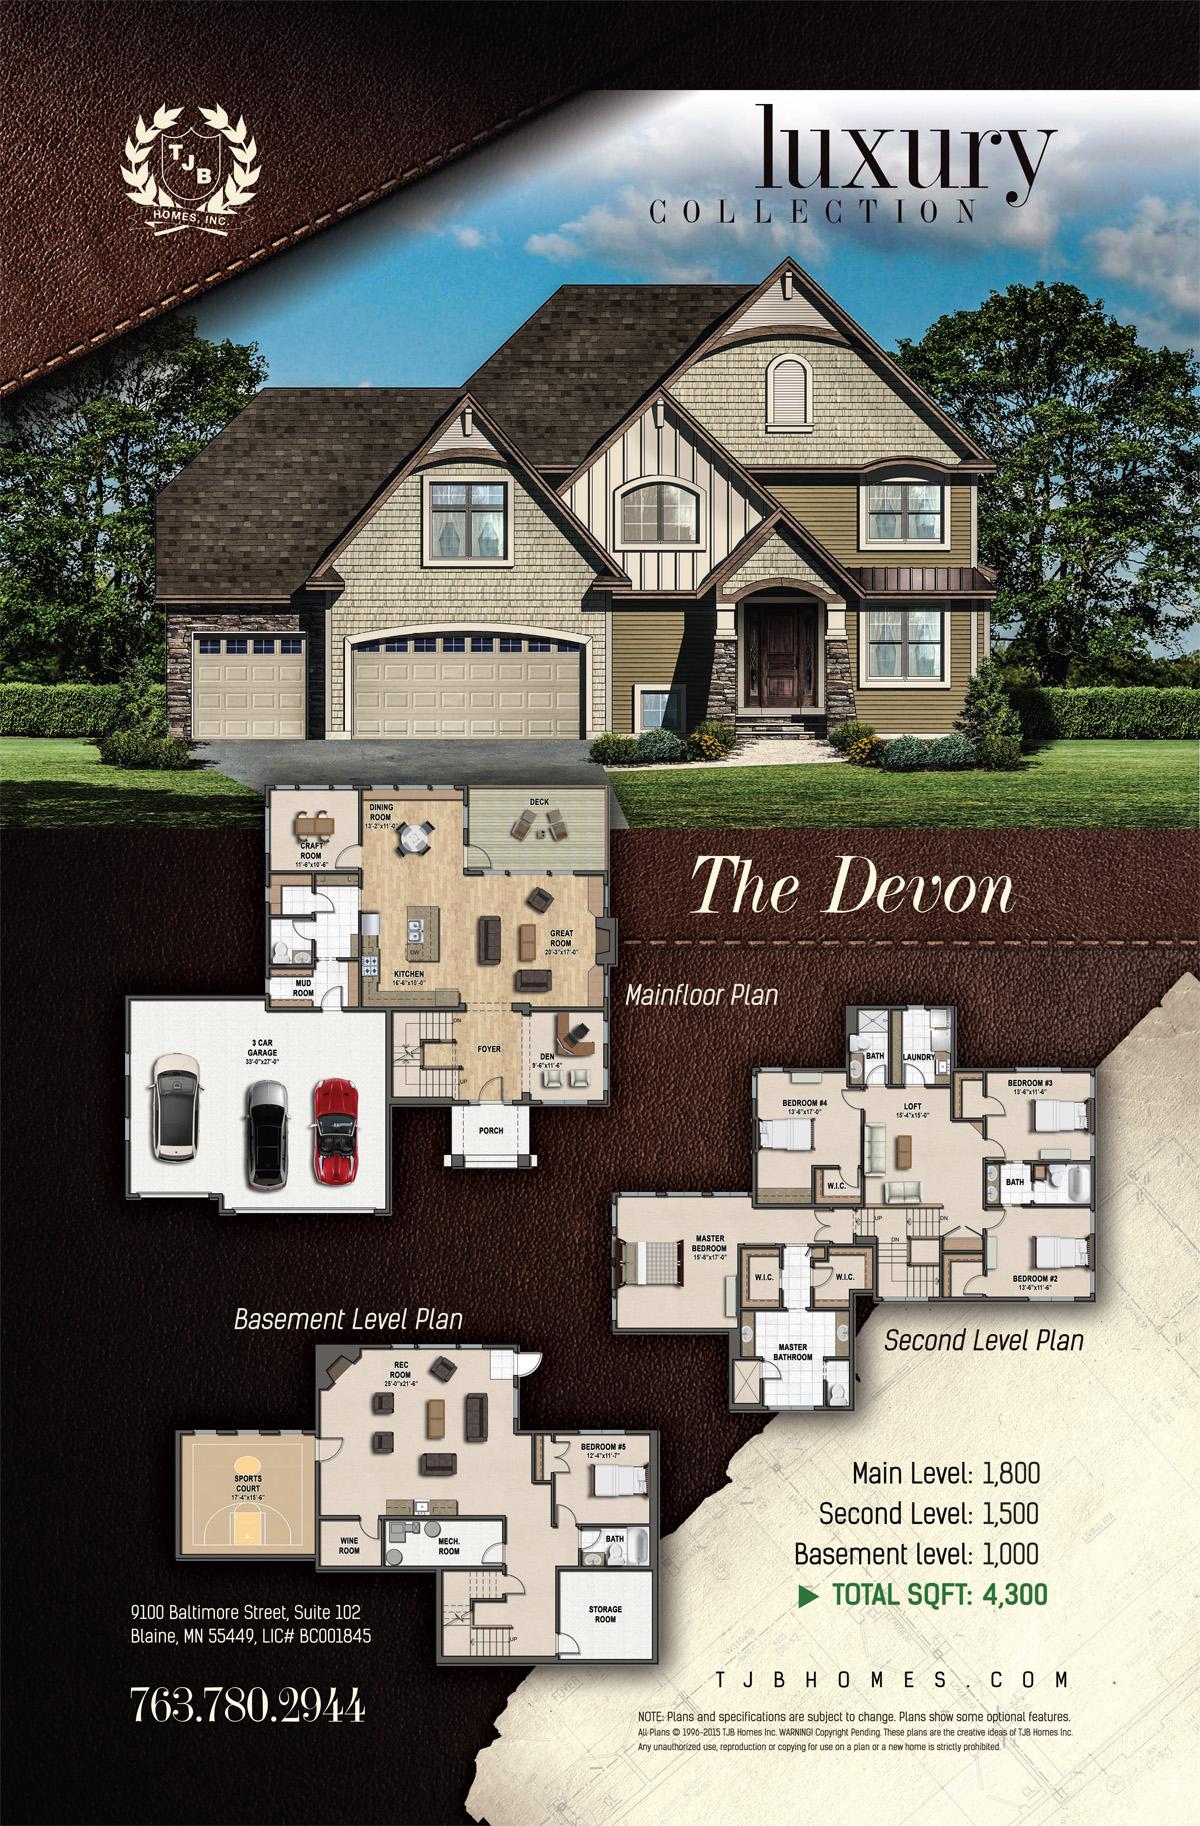 Gainesville Luxury Designer Home: The Devon Floor Plan